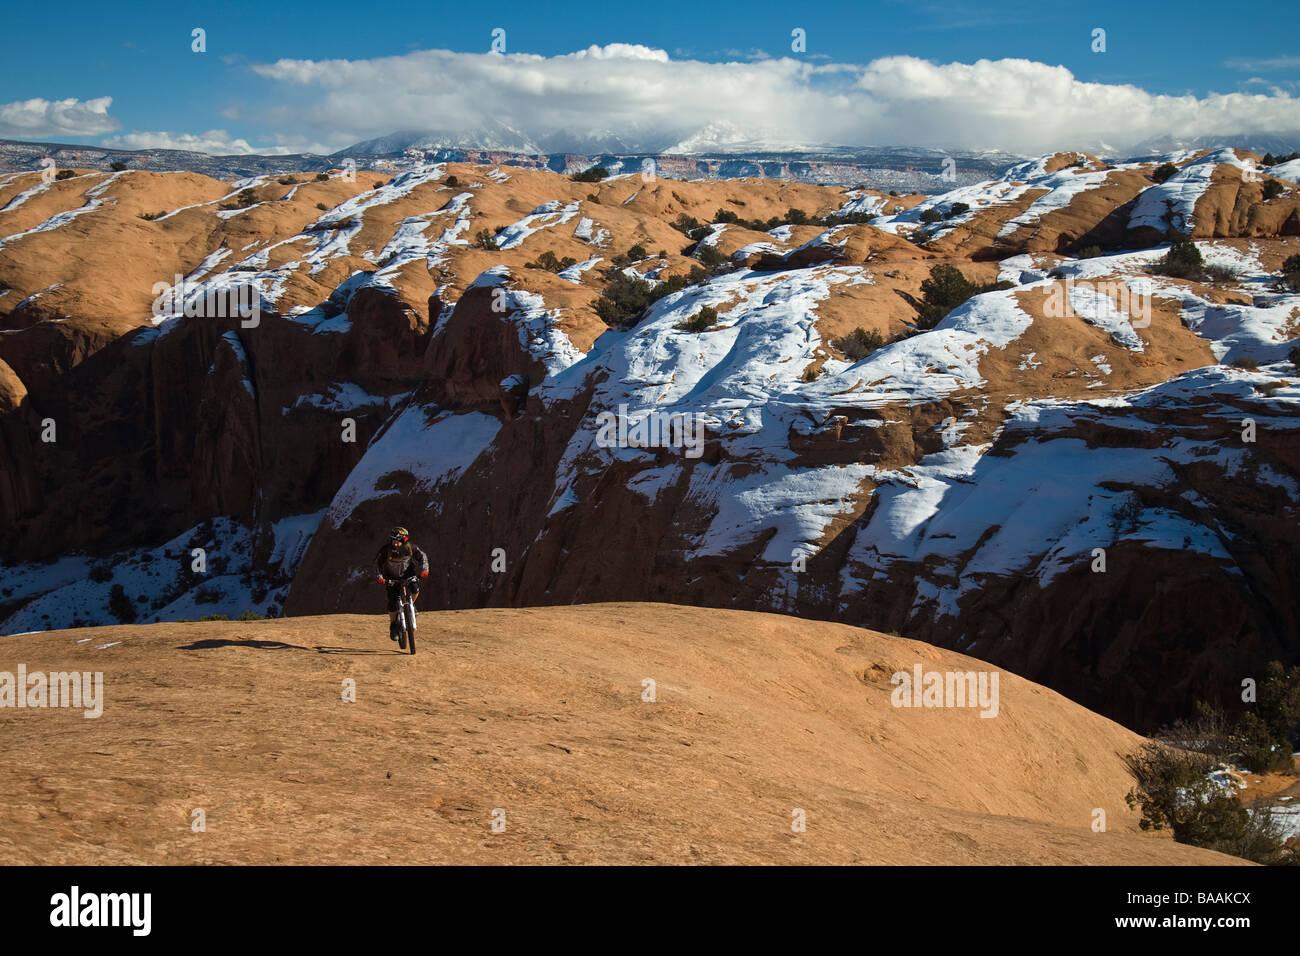 Mountain Biker cavalcando slickrock in Moab Utah. Foto Stock